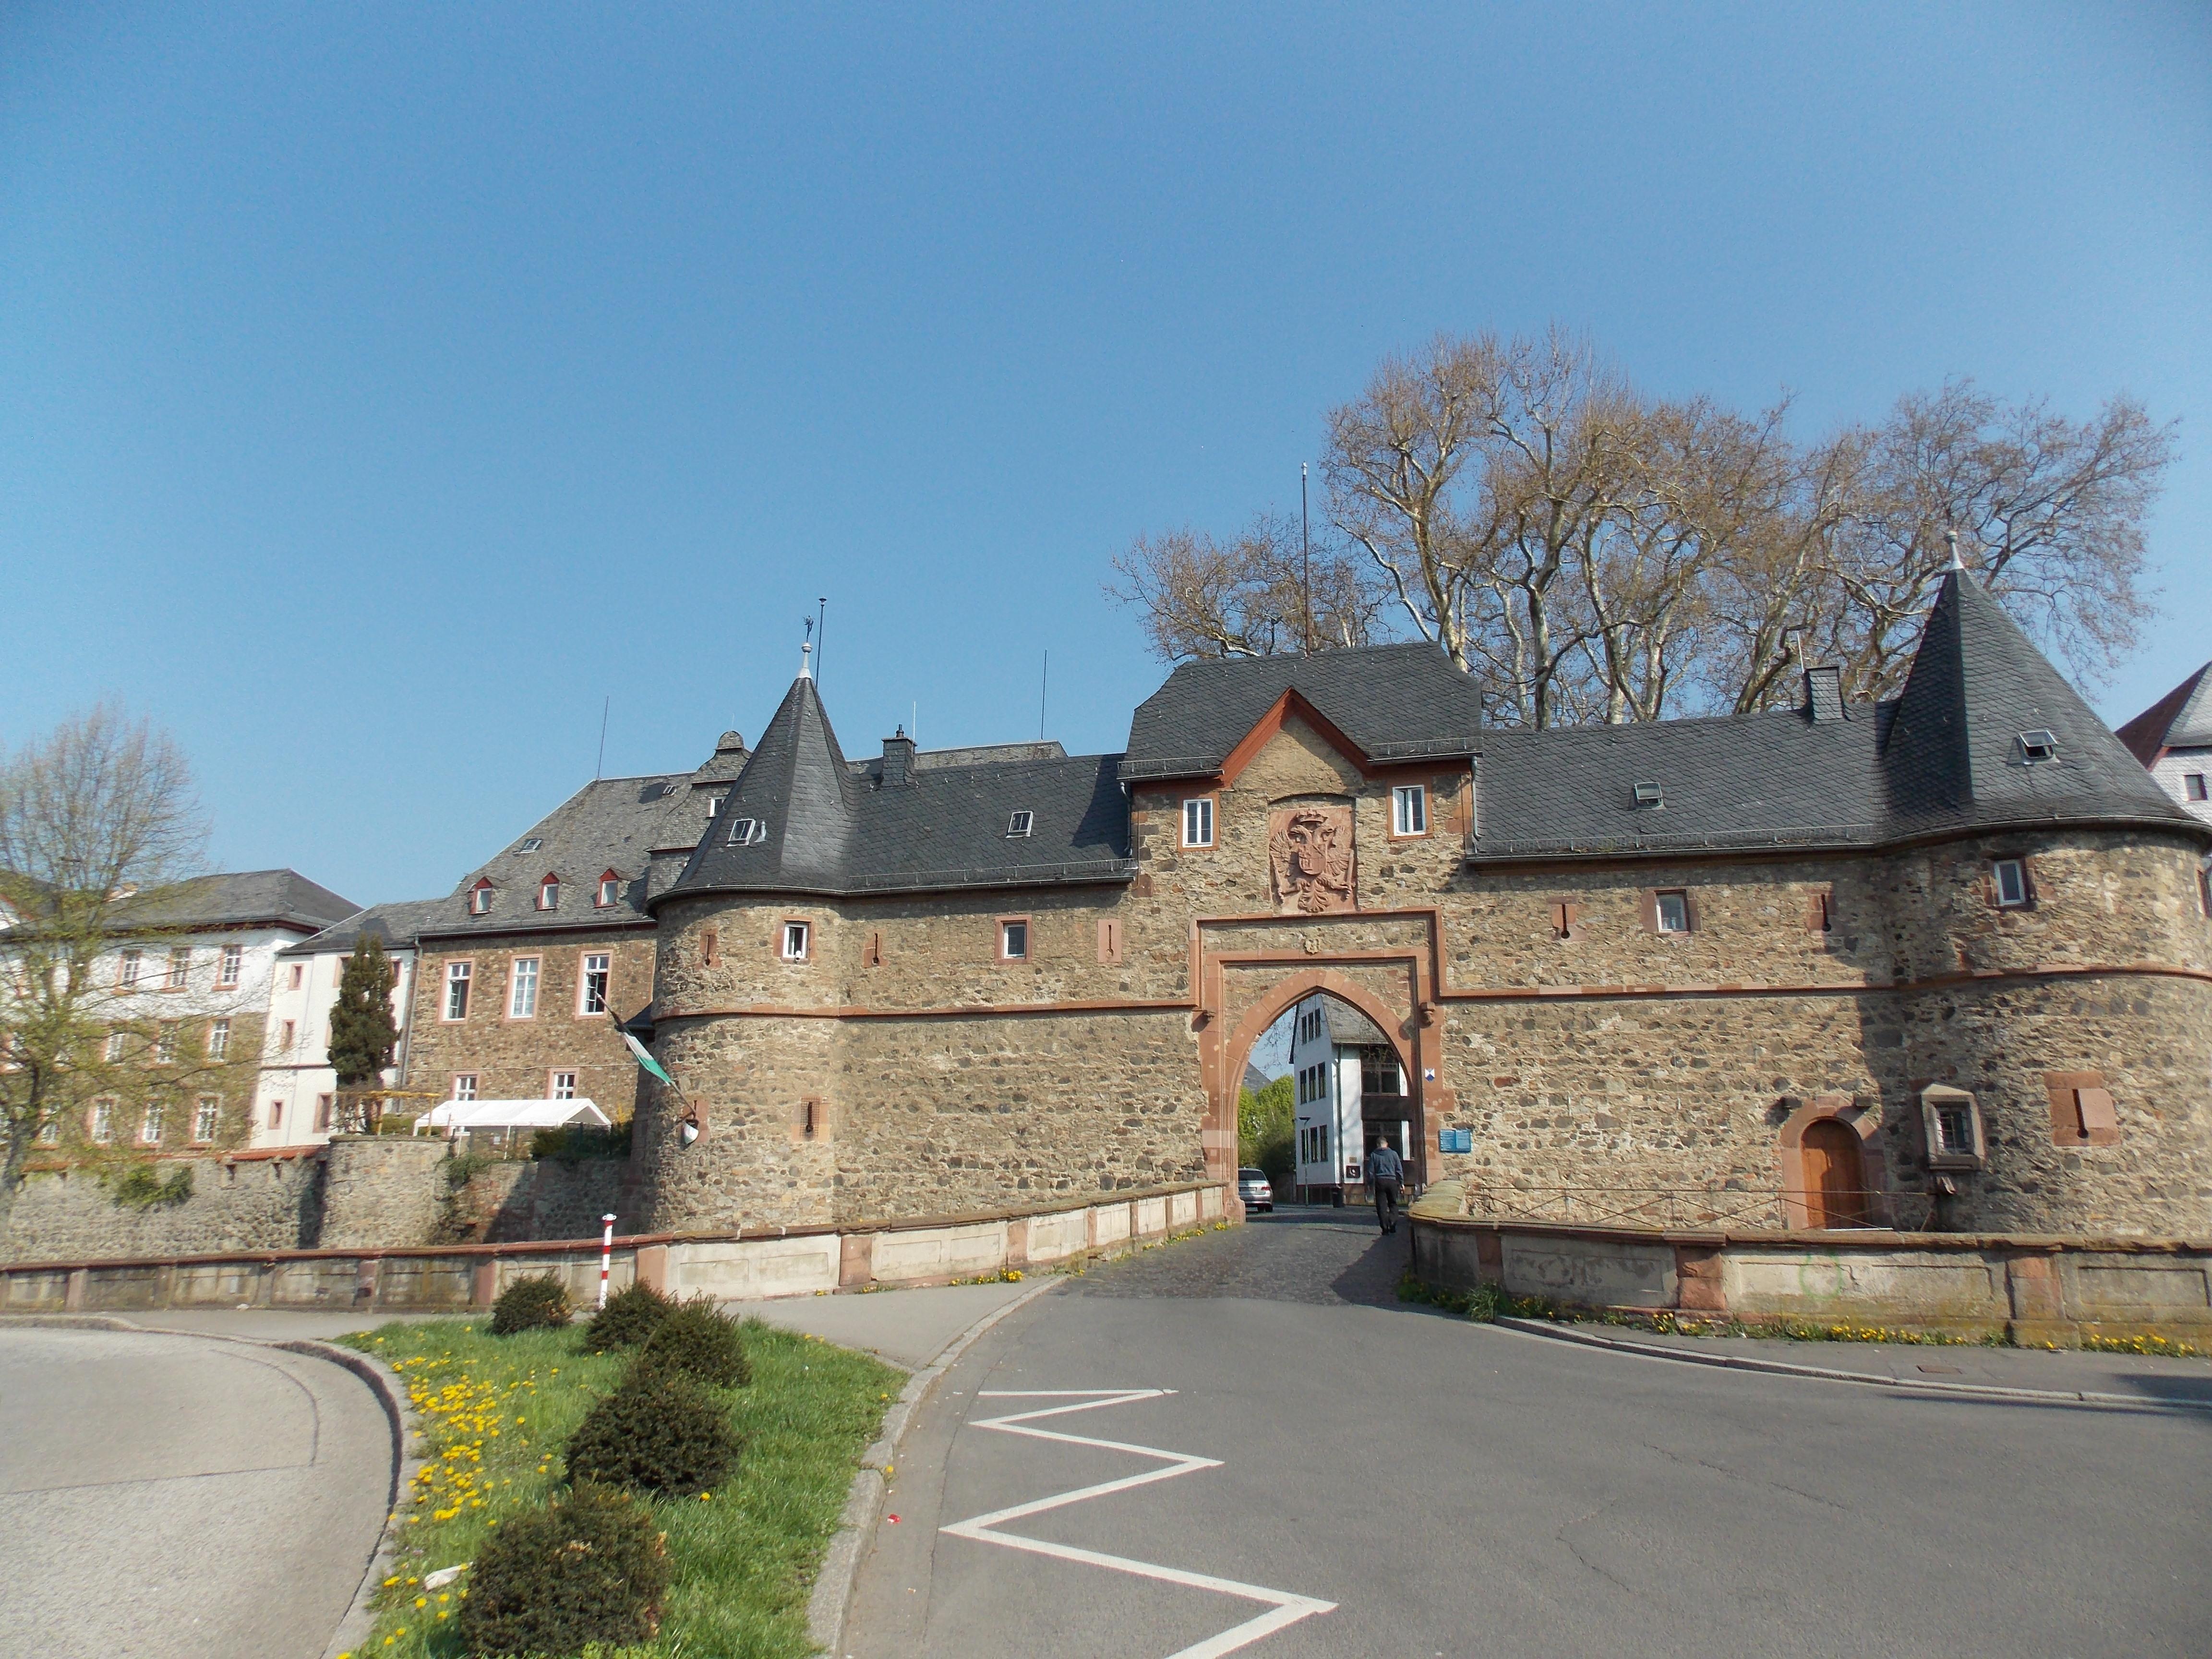 Detektivbüro in Friedberg (Hessen) engagieren und gewinnen